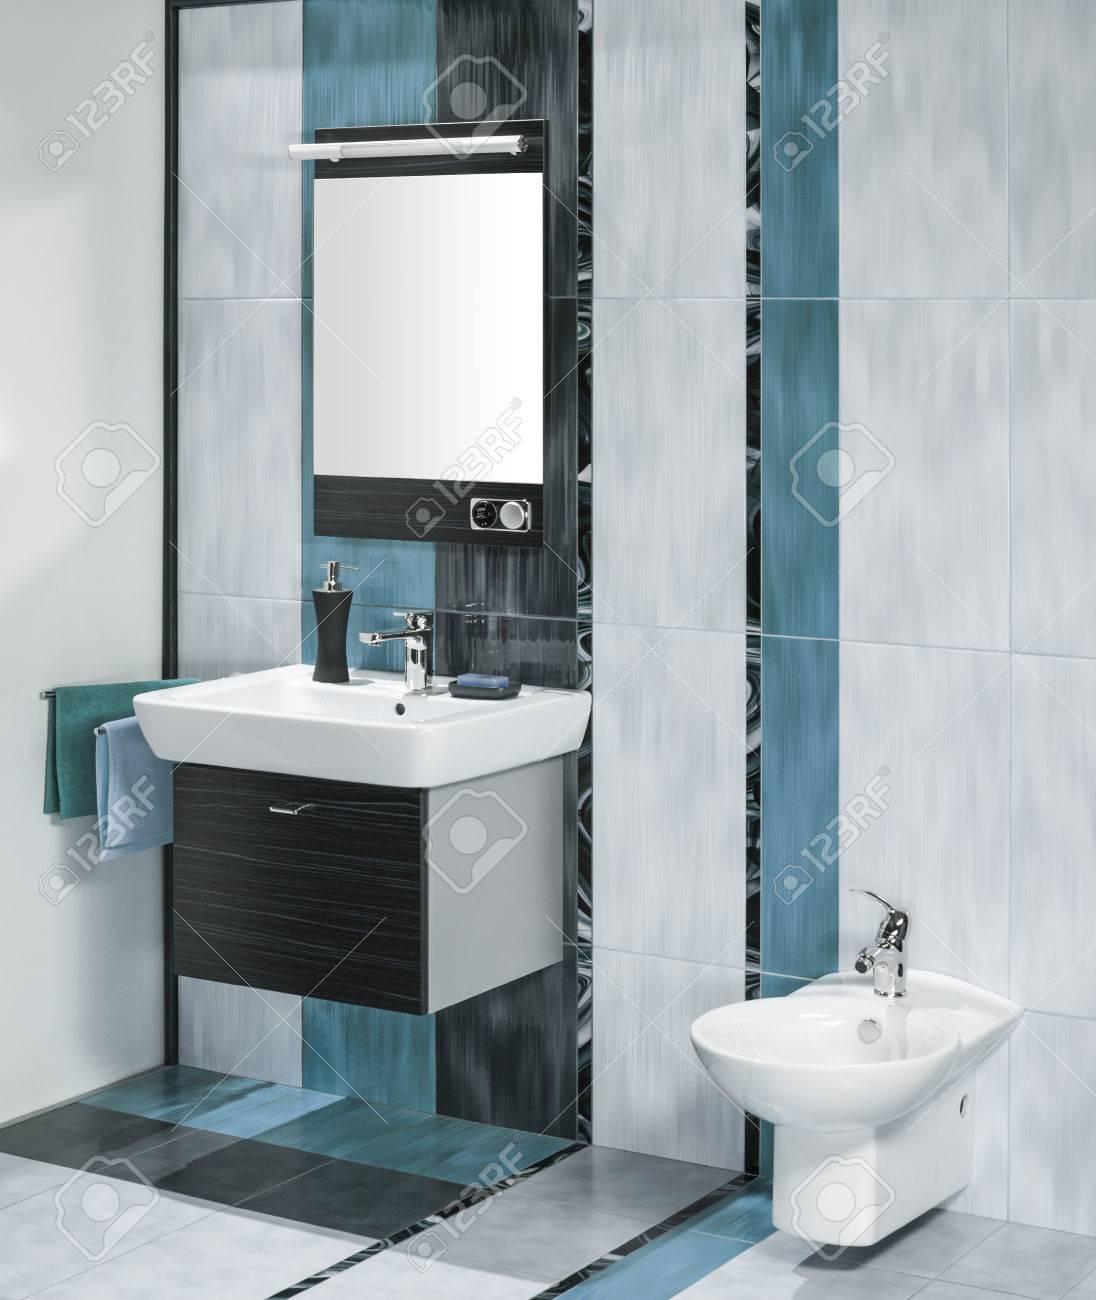 Accessoire Salle De Bain Couleur Or ~ d tail d un int rieur de salle de bains luxueuse avec miroir et